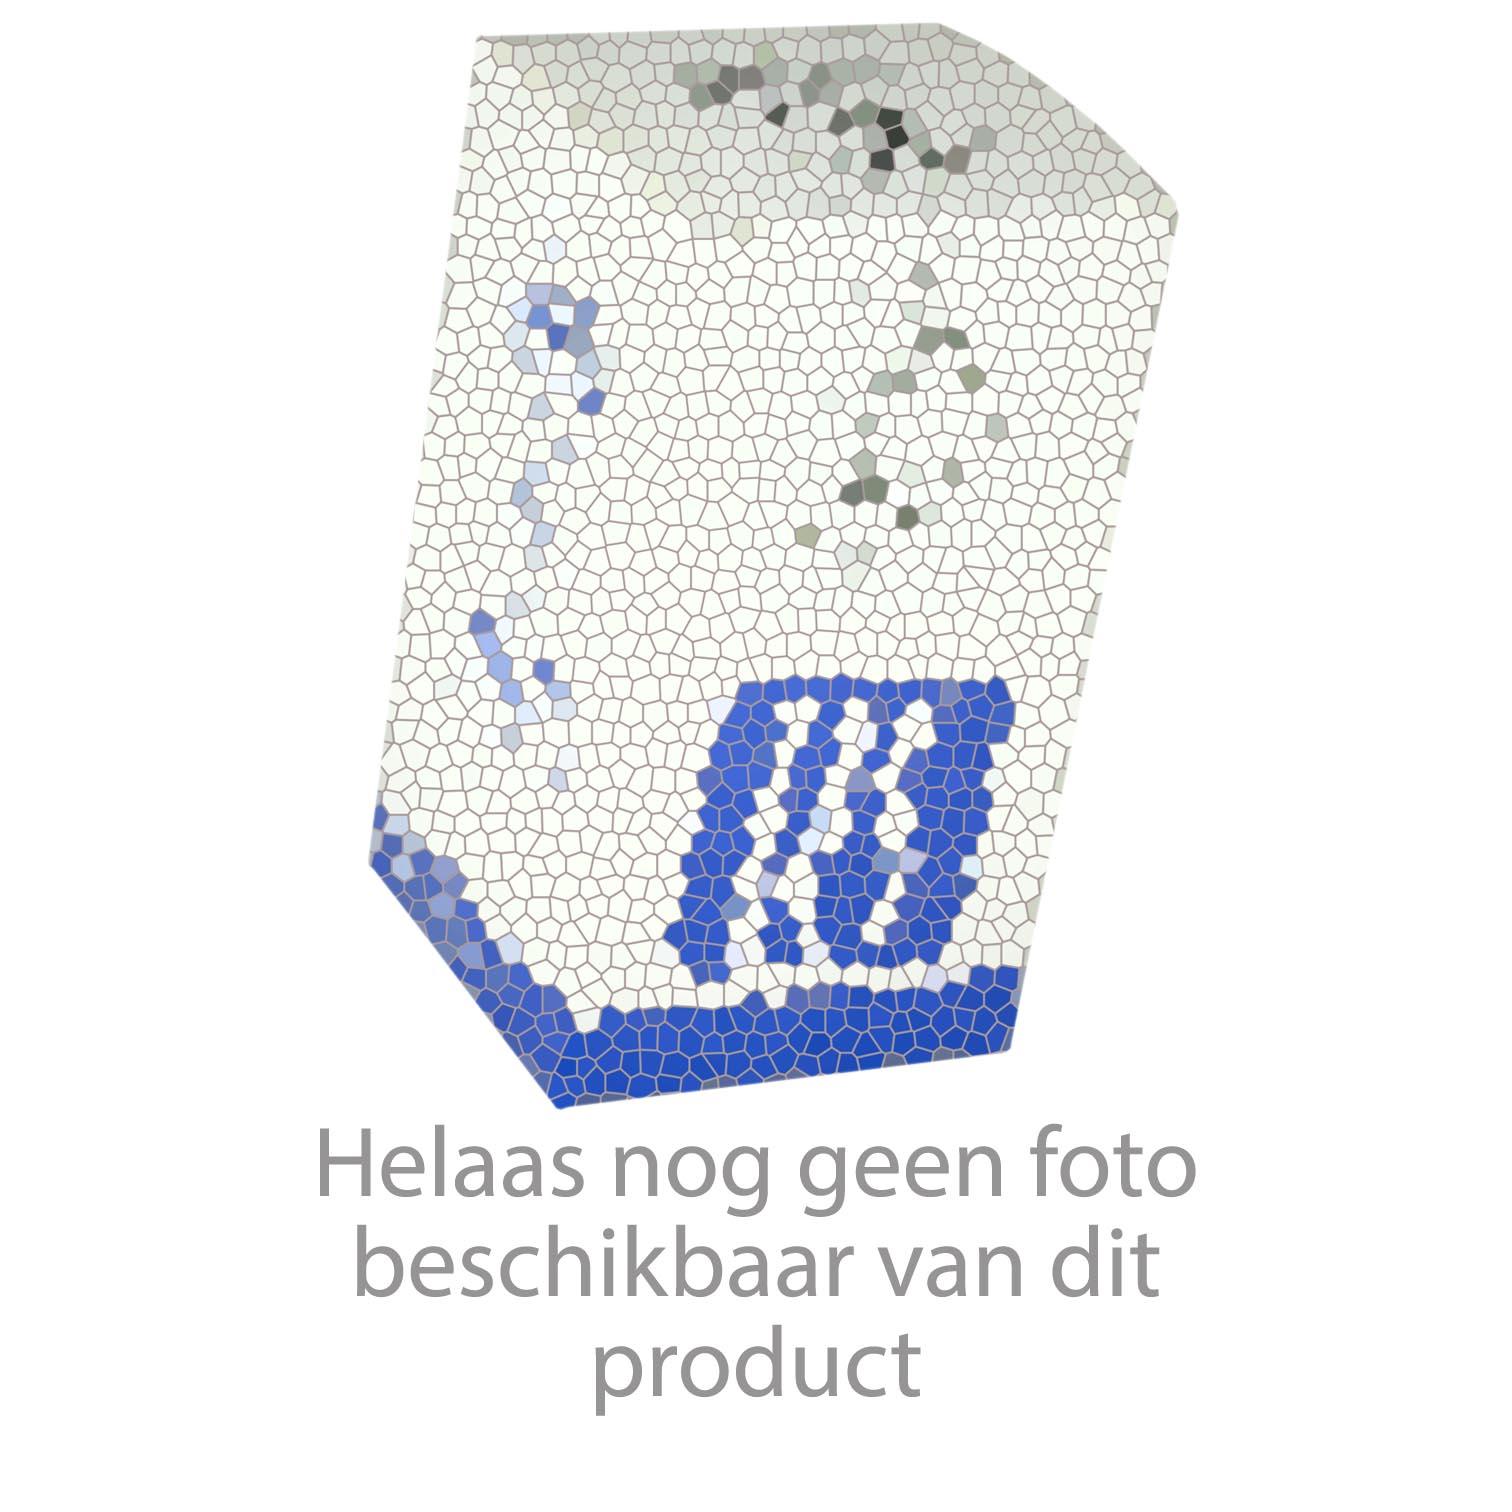 Vola Inbouwthermostaatkraan met 3-wegomstel handdouche regendouche en 4 zijsprays. Chroom